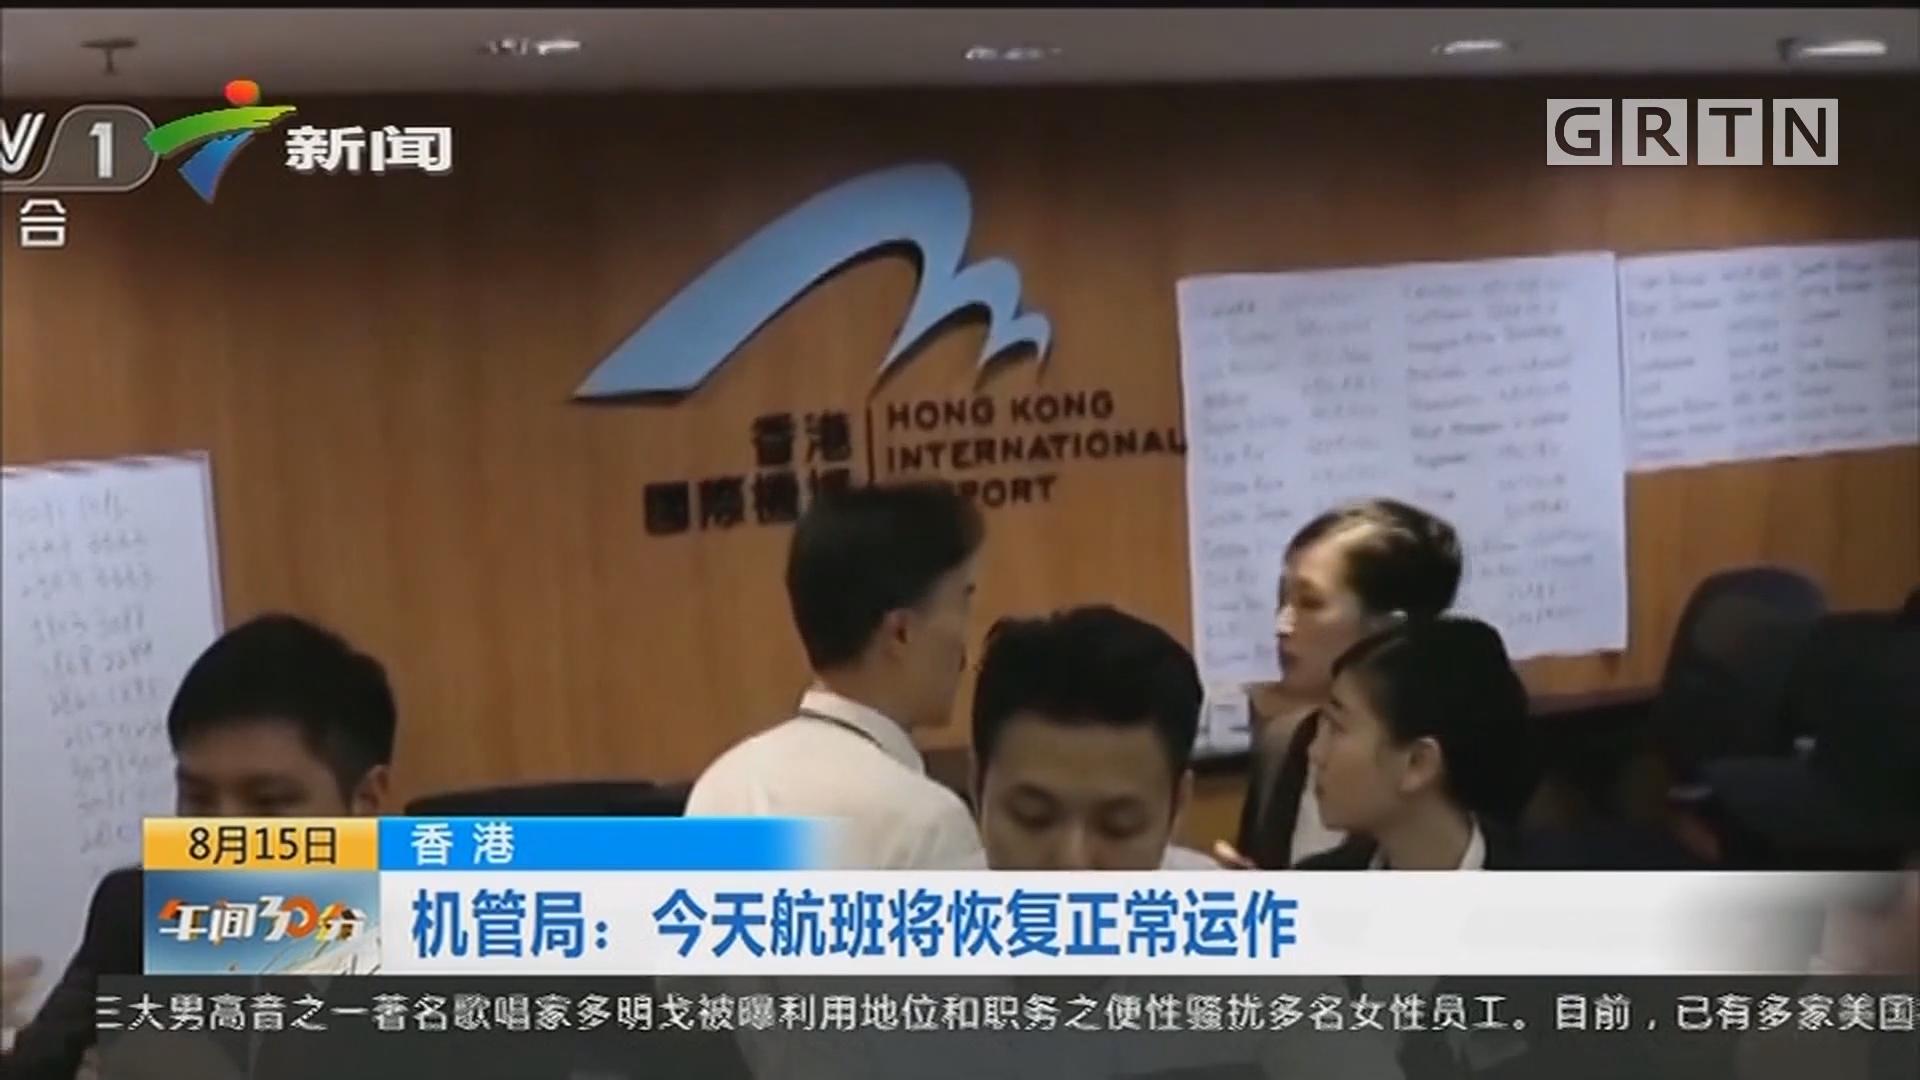 香港 机管局:今天航班将恢复正常运作